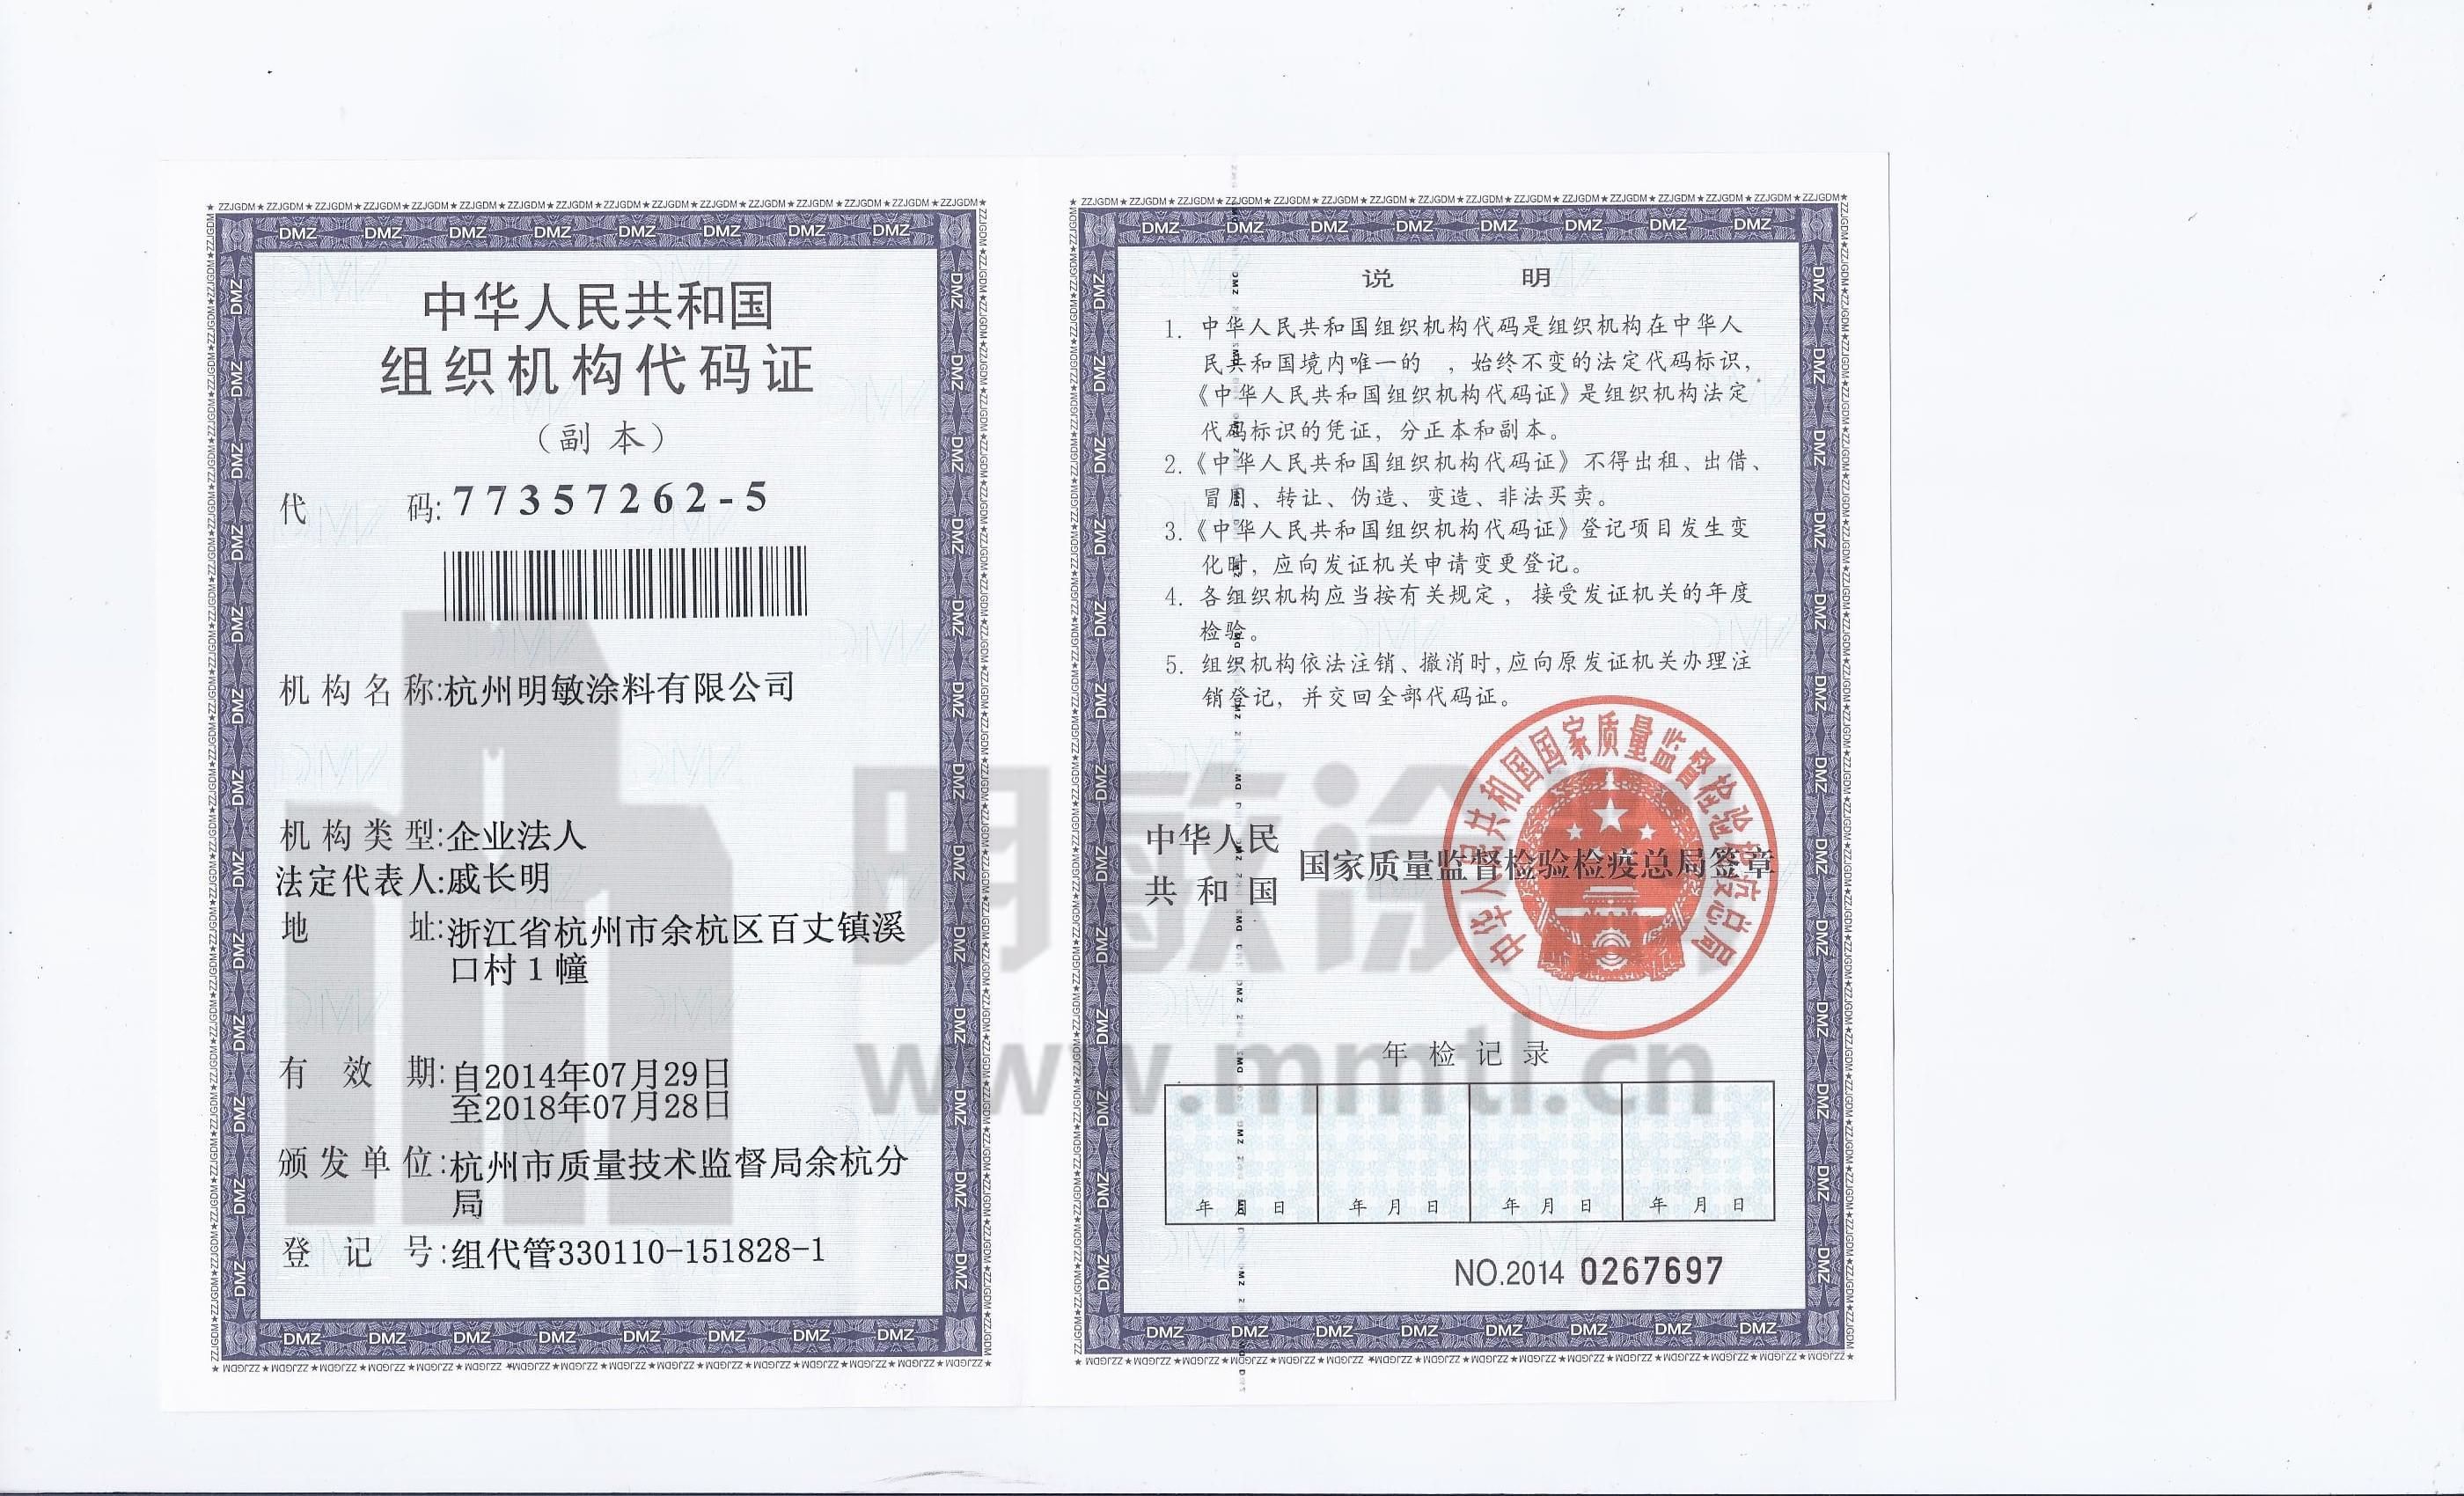 明敏涂料-组织机构代码证